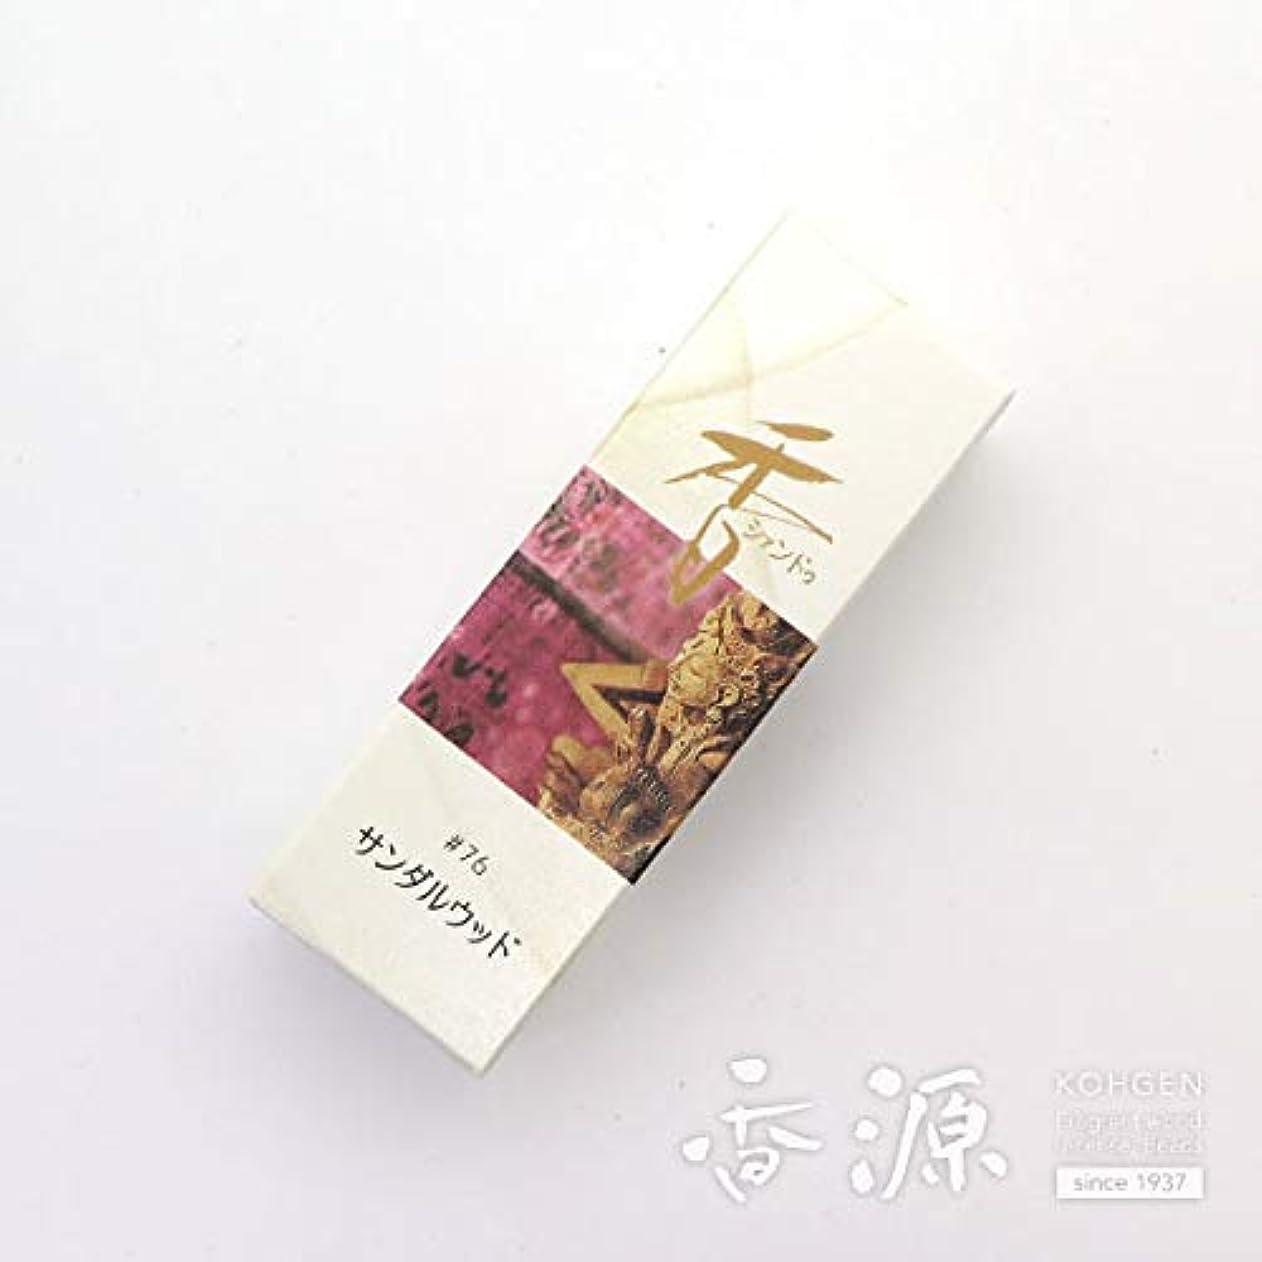 噴水呼吸貪欲松栄堂のお香 Xiang Do サンダルウッド ST20本入 簡易香立付 #214276